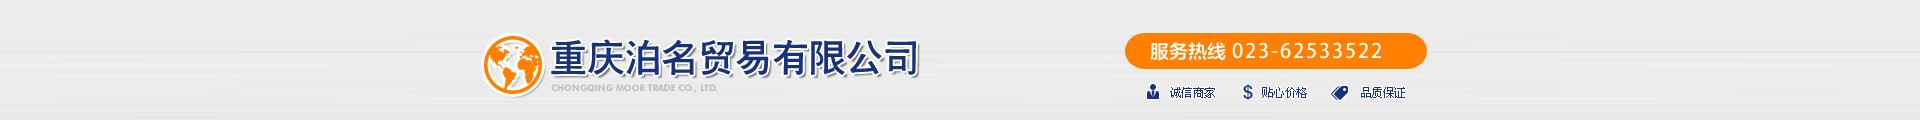 重庆泊名贸易有限公司